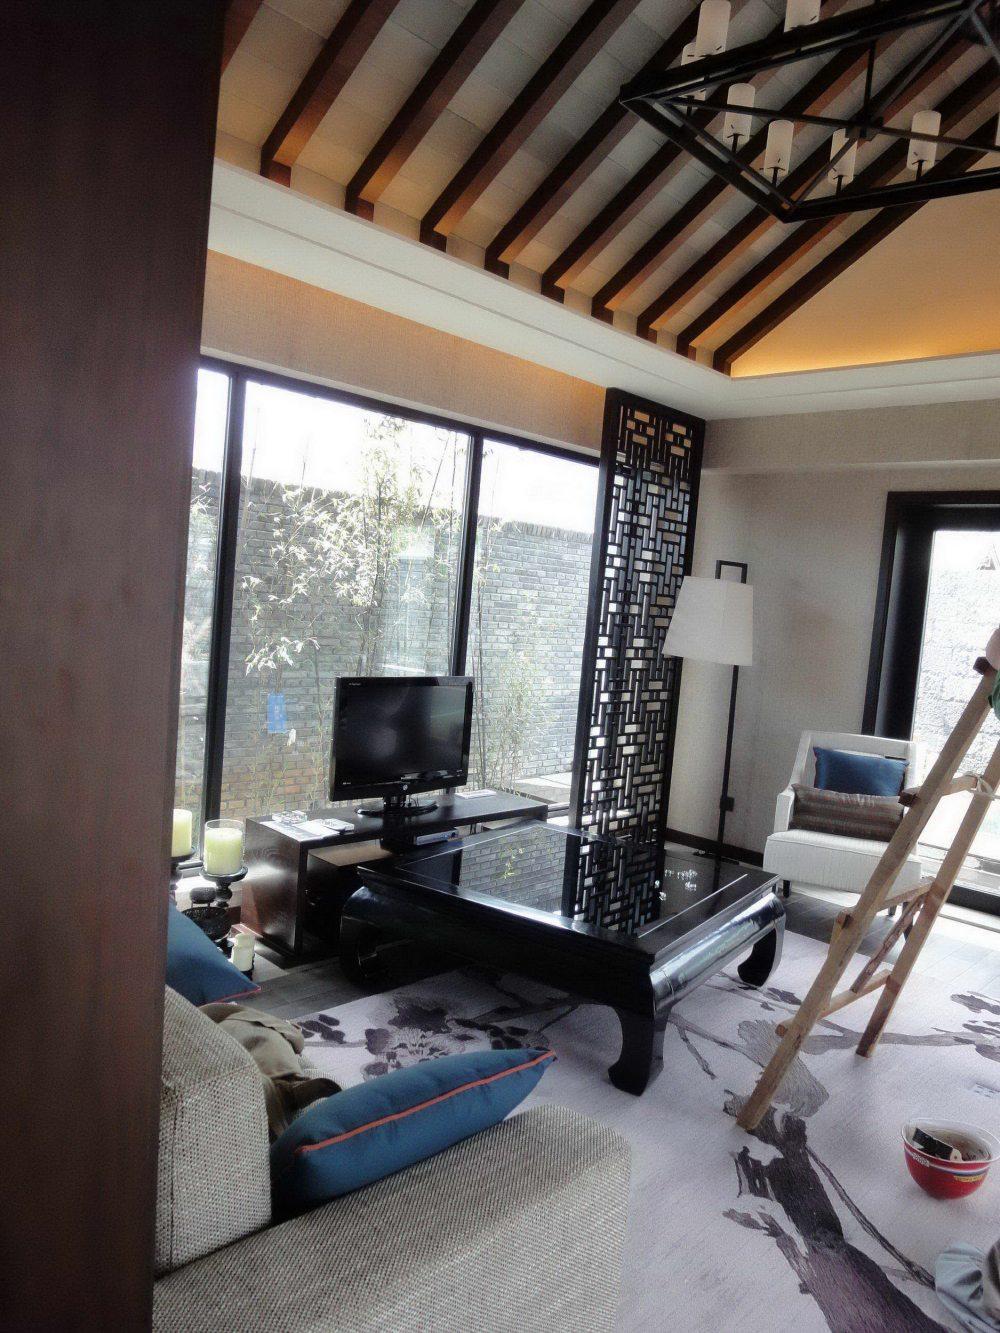 云南丽江铂尔曼渡假酒店(Lijiang Pullman Hotel)(CCD)(第8页更新)_DSC05201.jpg